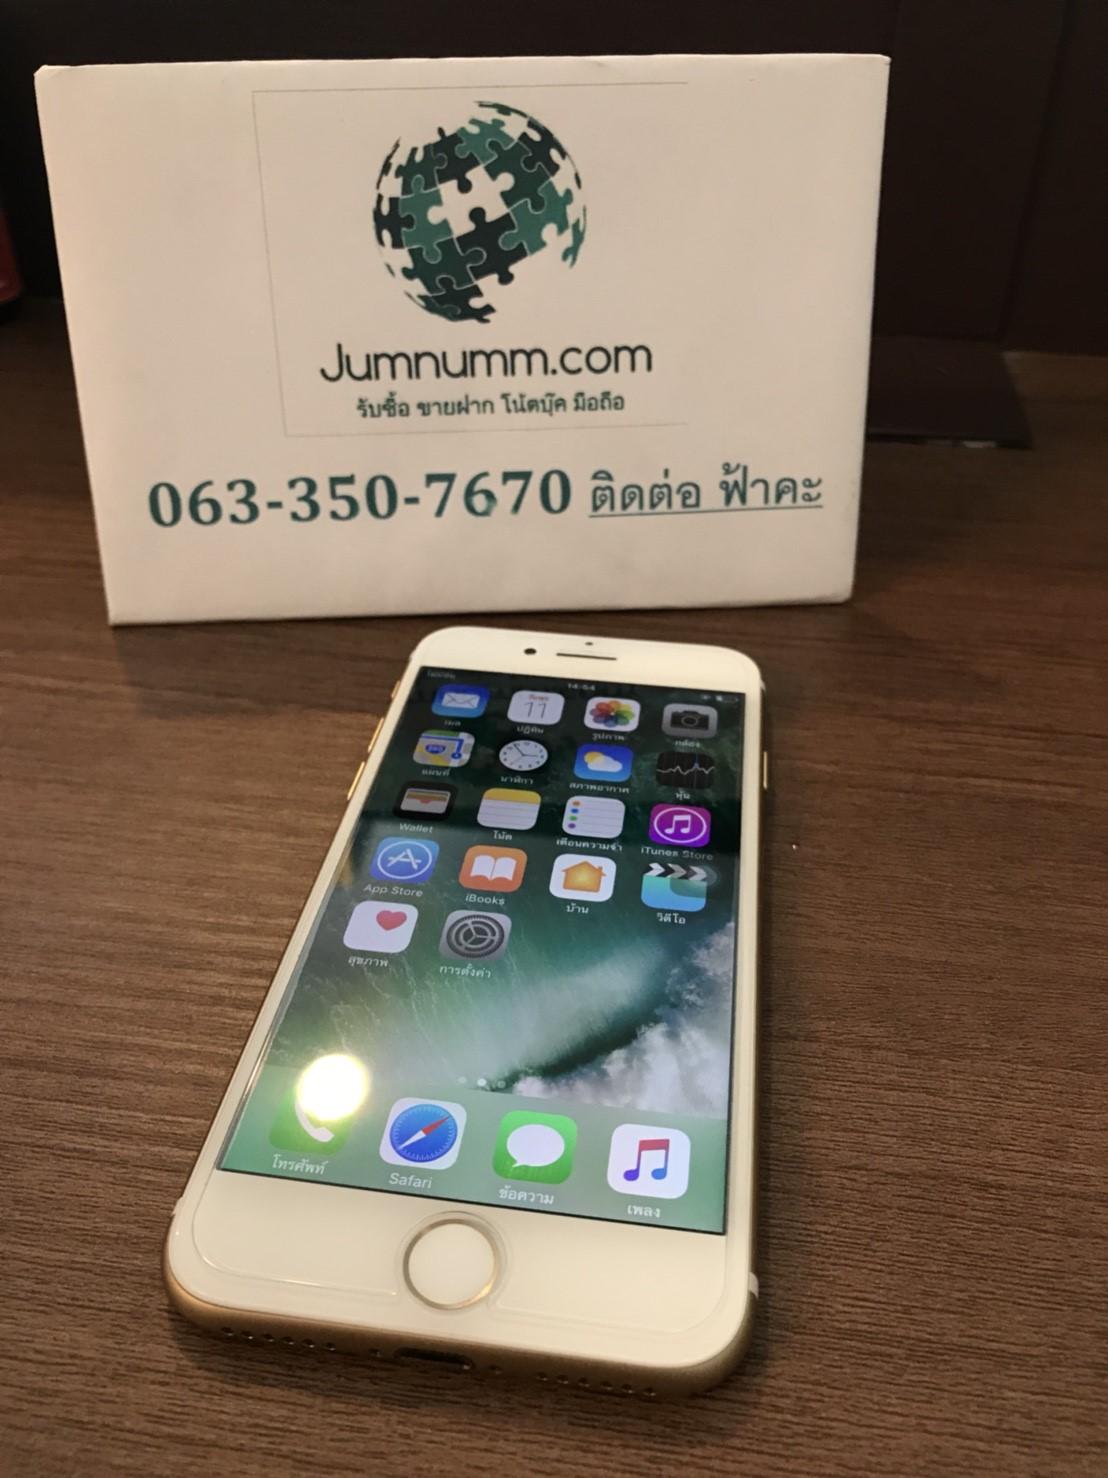 JMM-96 IPhone7 32Gb Black ประกันหมด เม.ย 61